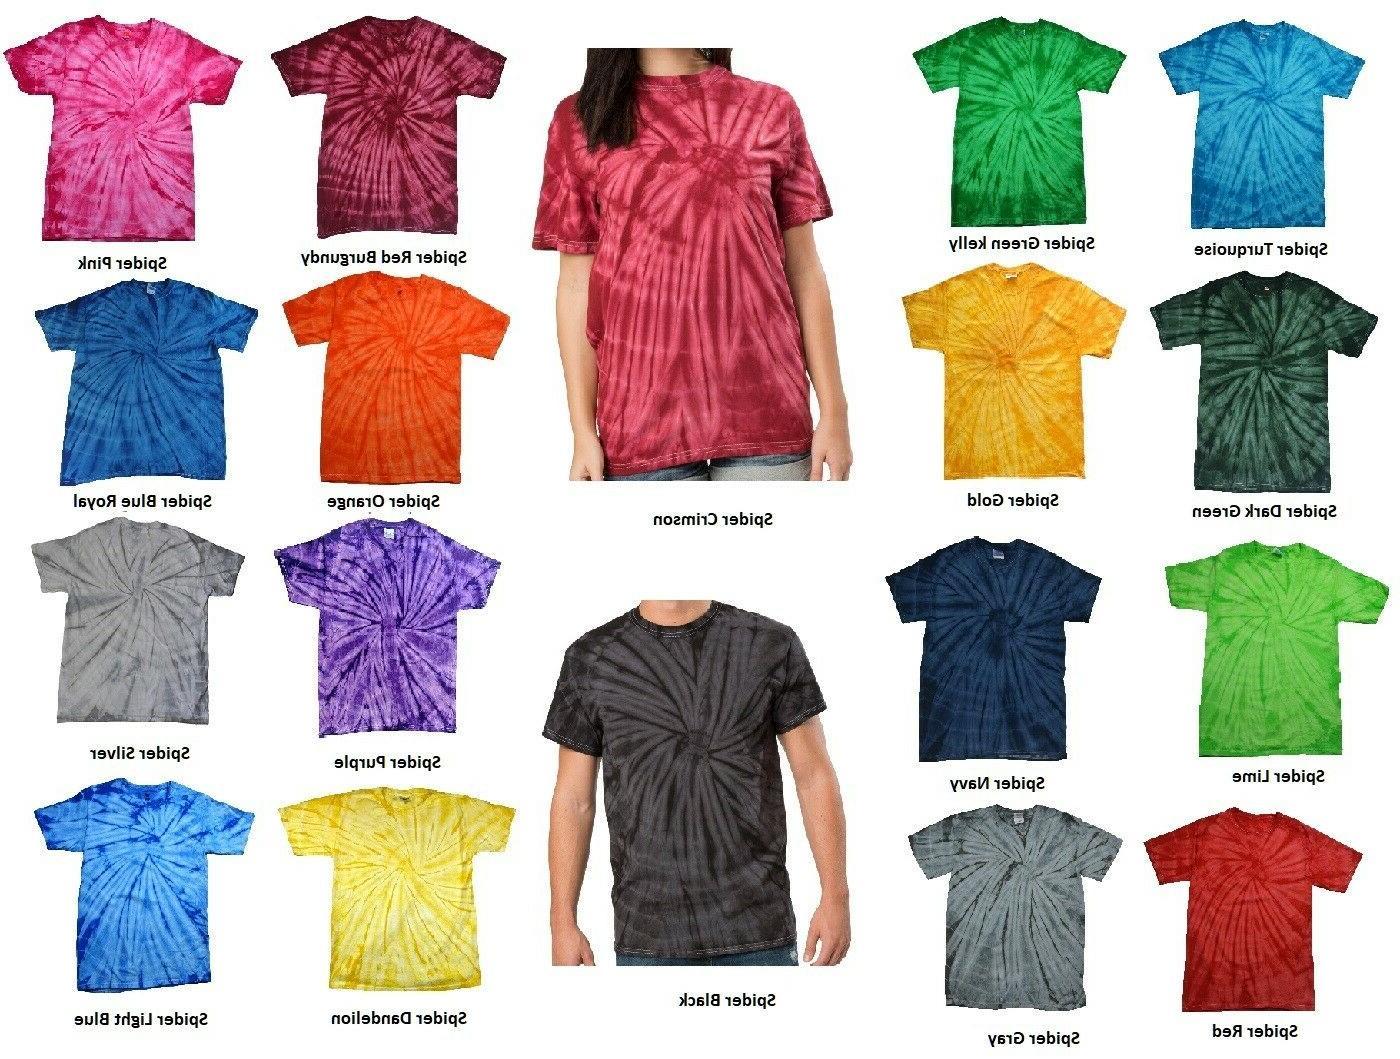 t shirts plain colors tie dye style